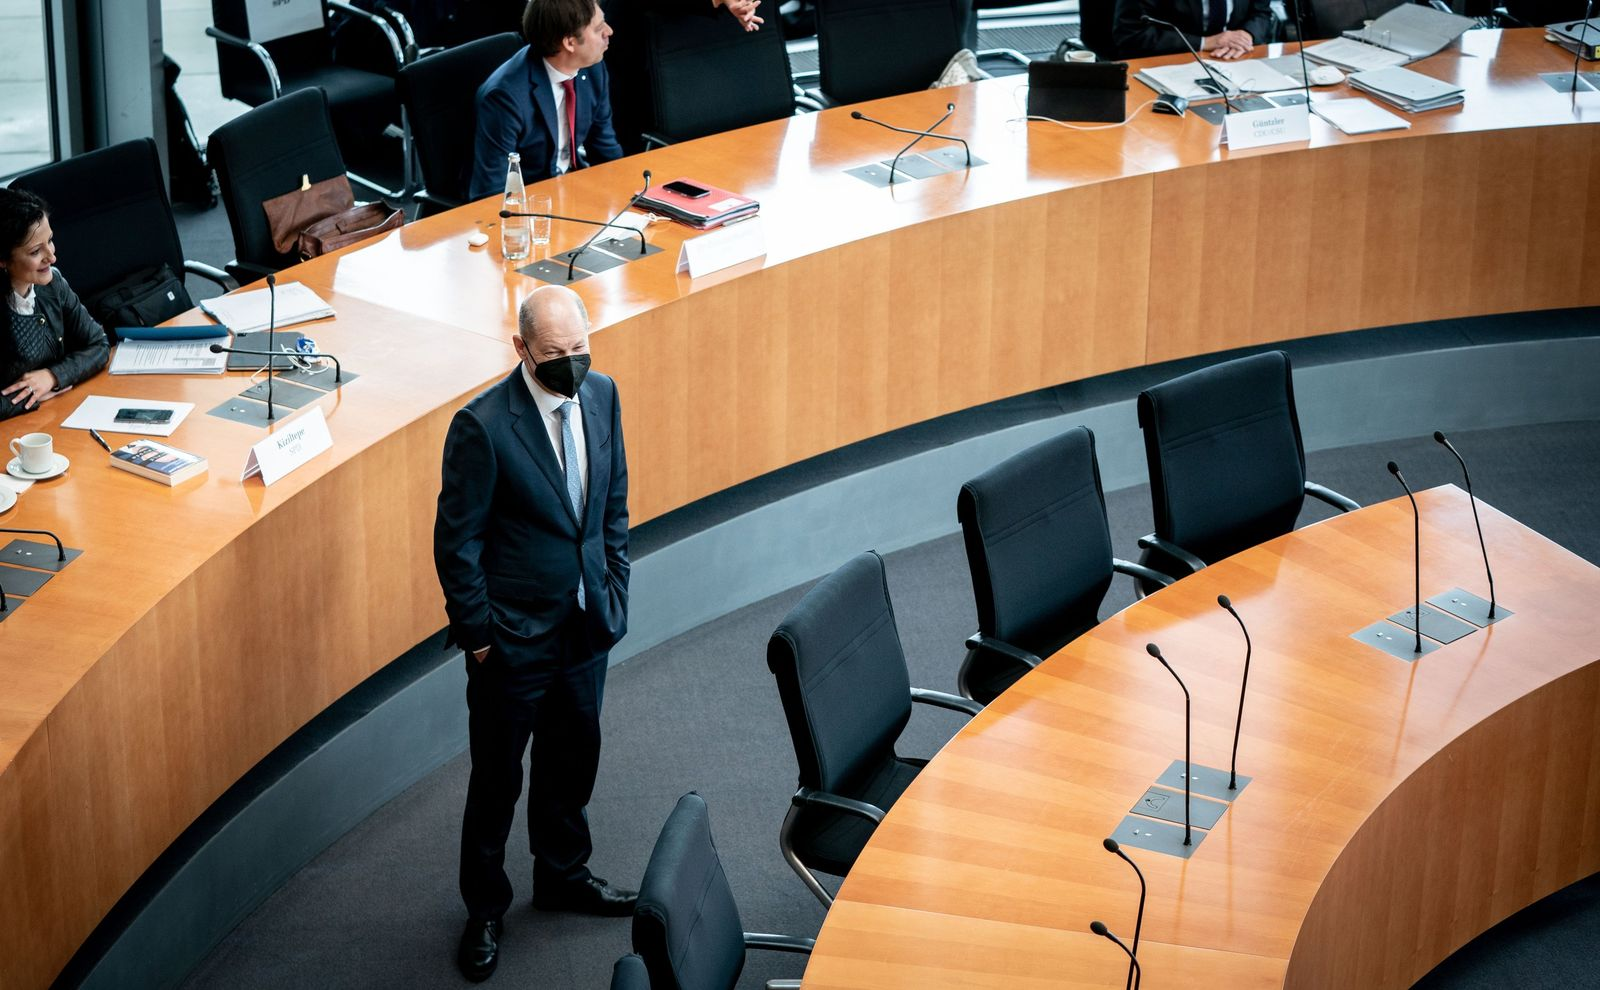 Untersuchungsausschuss zum Wirecard Bilanzskandal - Scholz